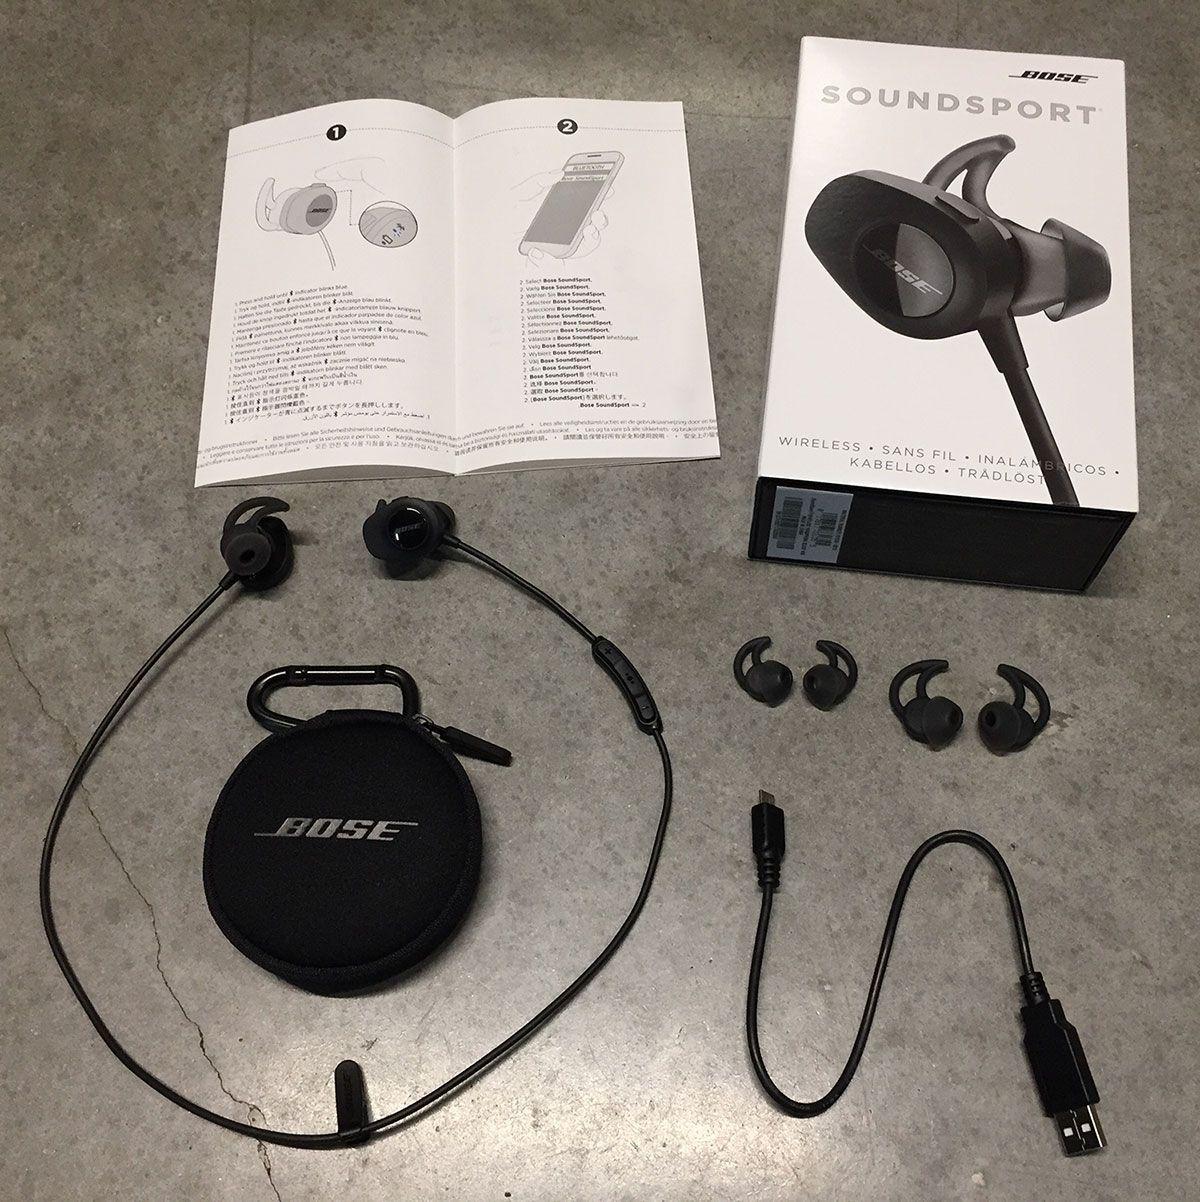 147dcb3821d PowerBeats 3 vs. Bose SoundSport - Which Should You Buy? | Equipboard®